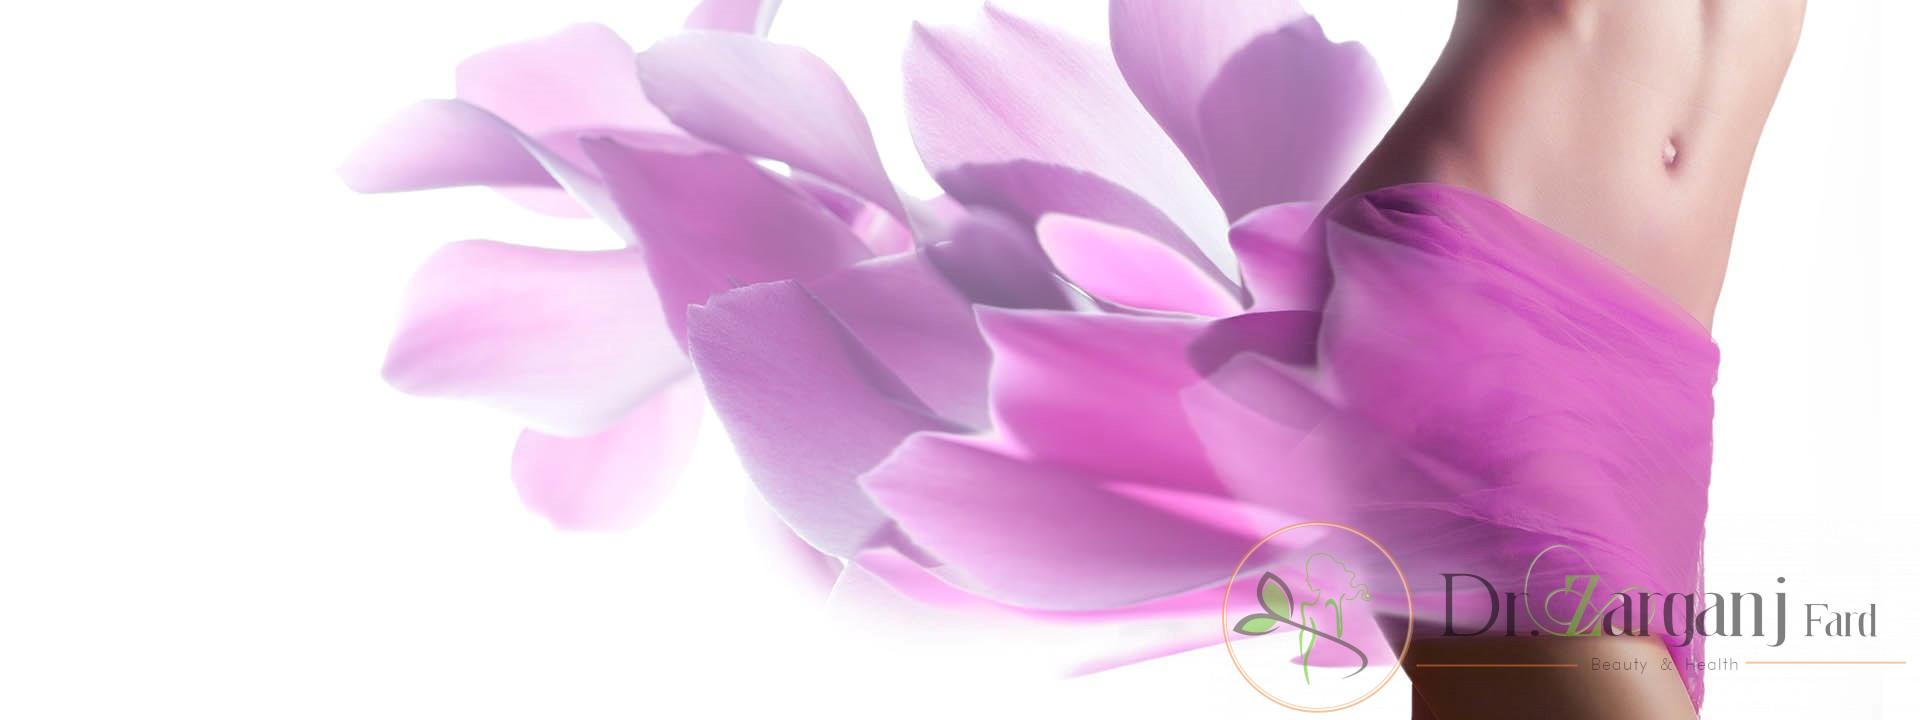 جراحی زیبایی لابیاپلاستی به چه صورت است و فرایند انجام آن توسط یک دکتر جراح زیبایی واژن چگونه انجام می شود ؟